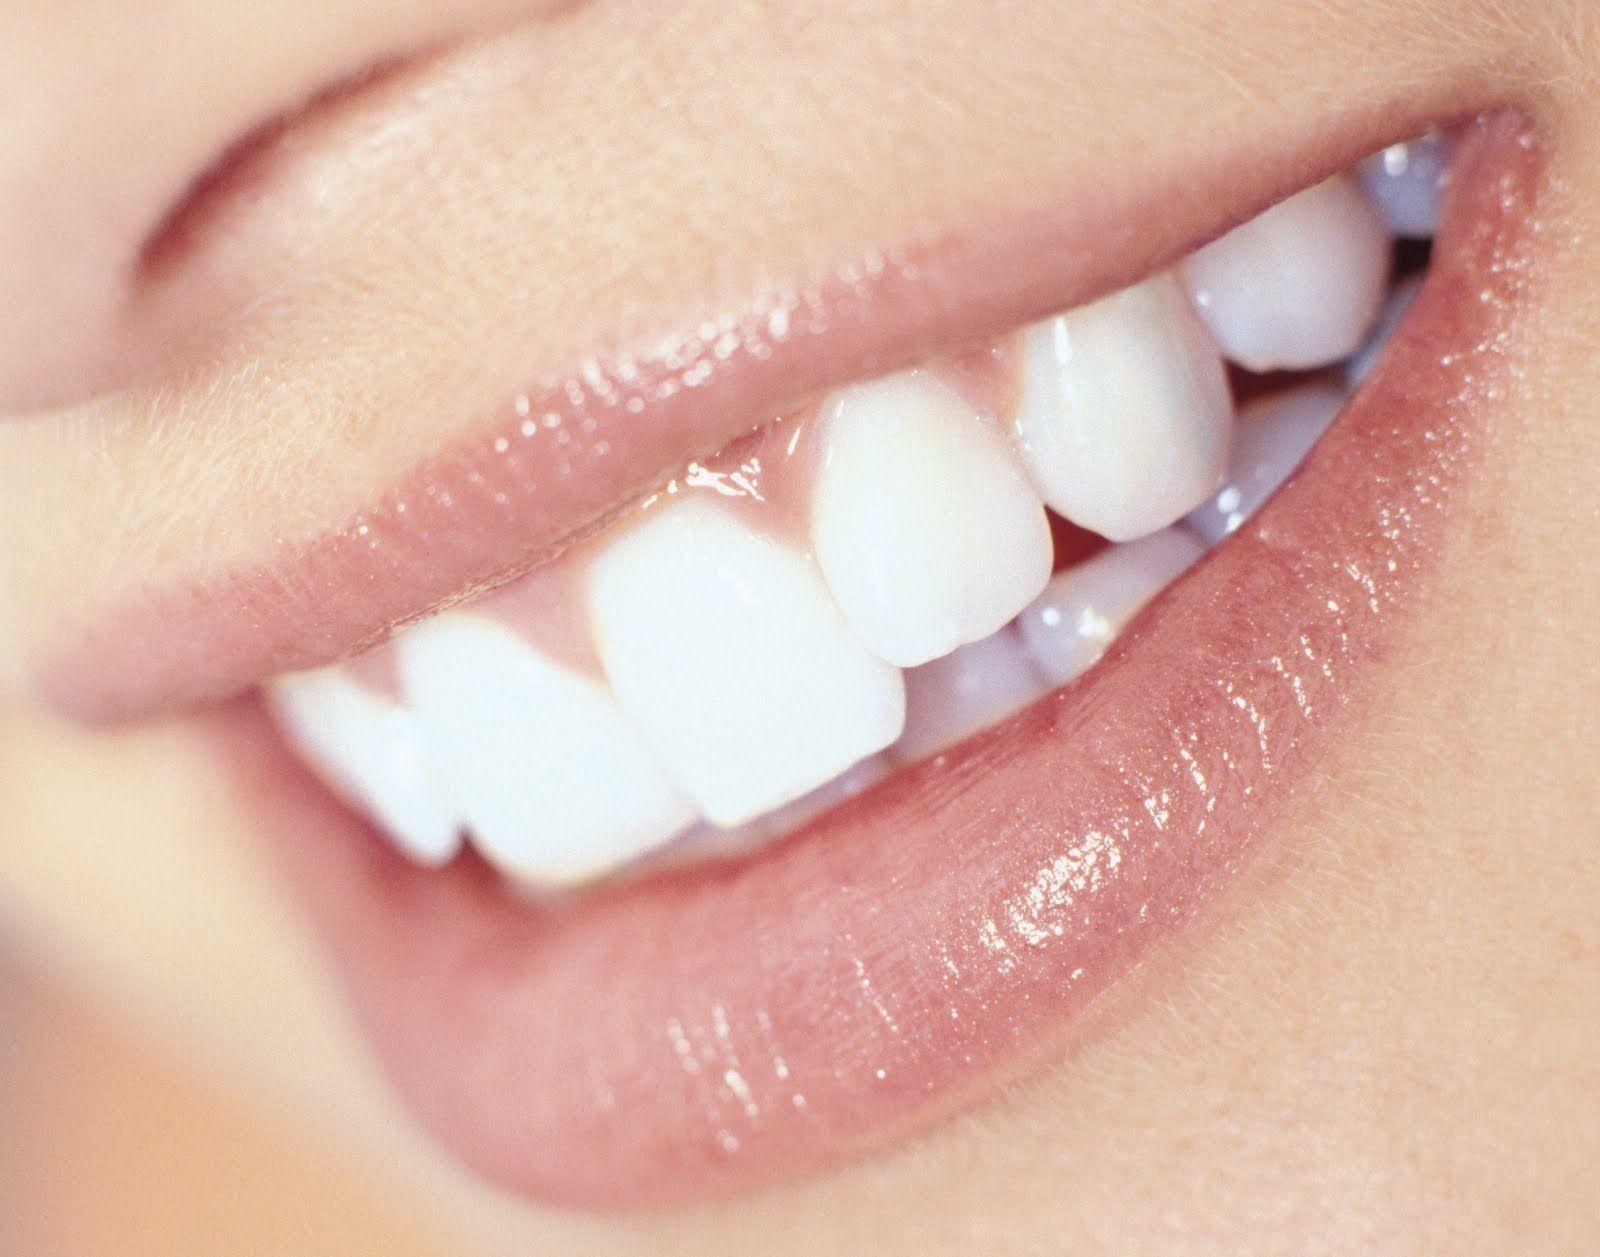 La sonrisa más bonita || #sonrisa #sonreír #competiciones